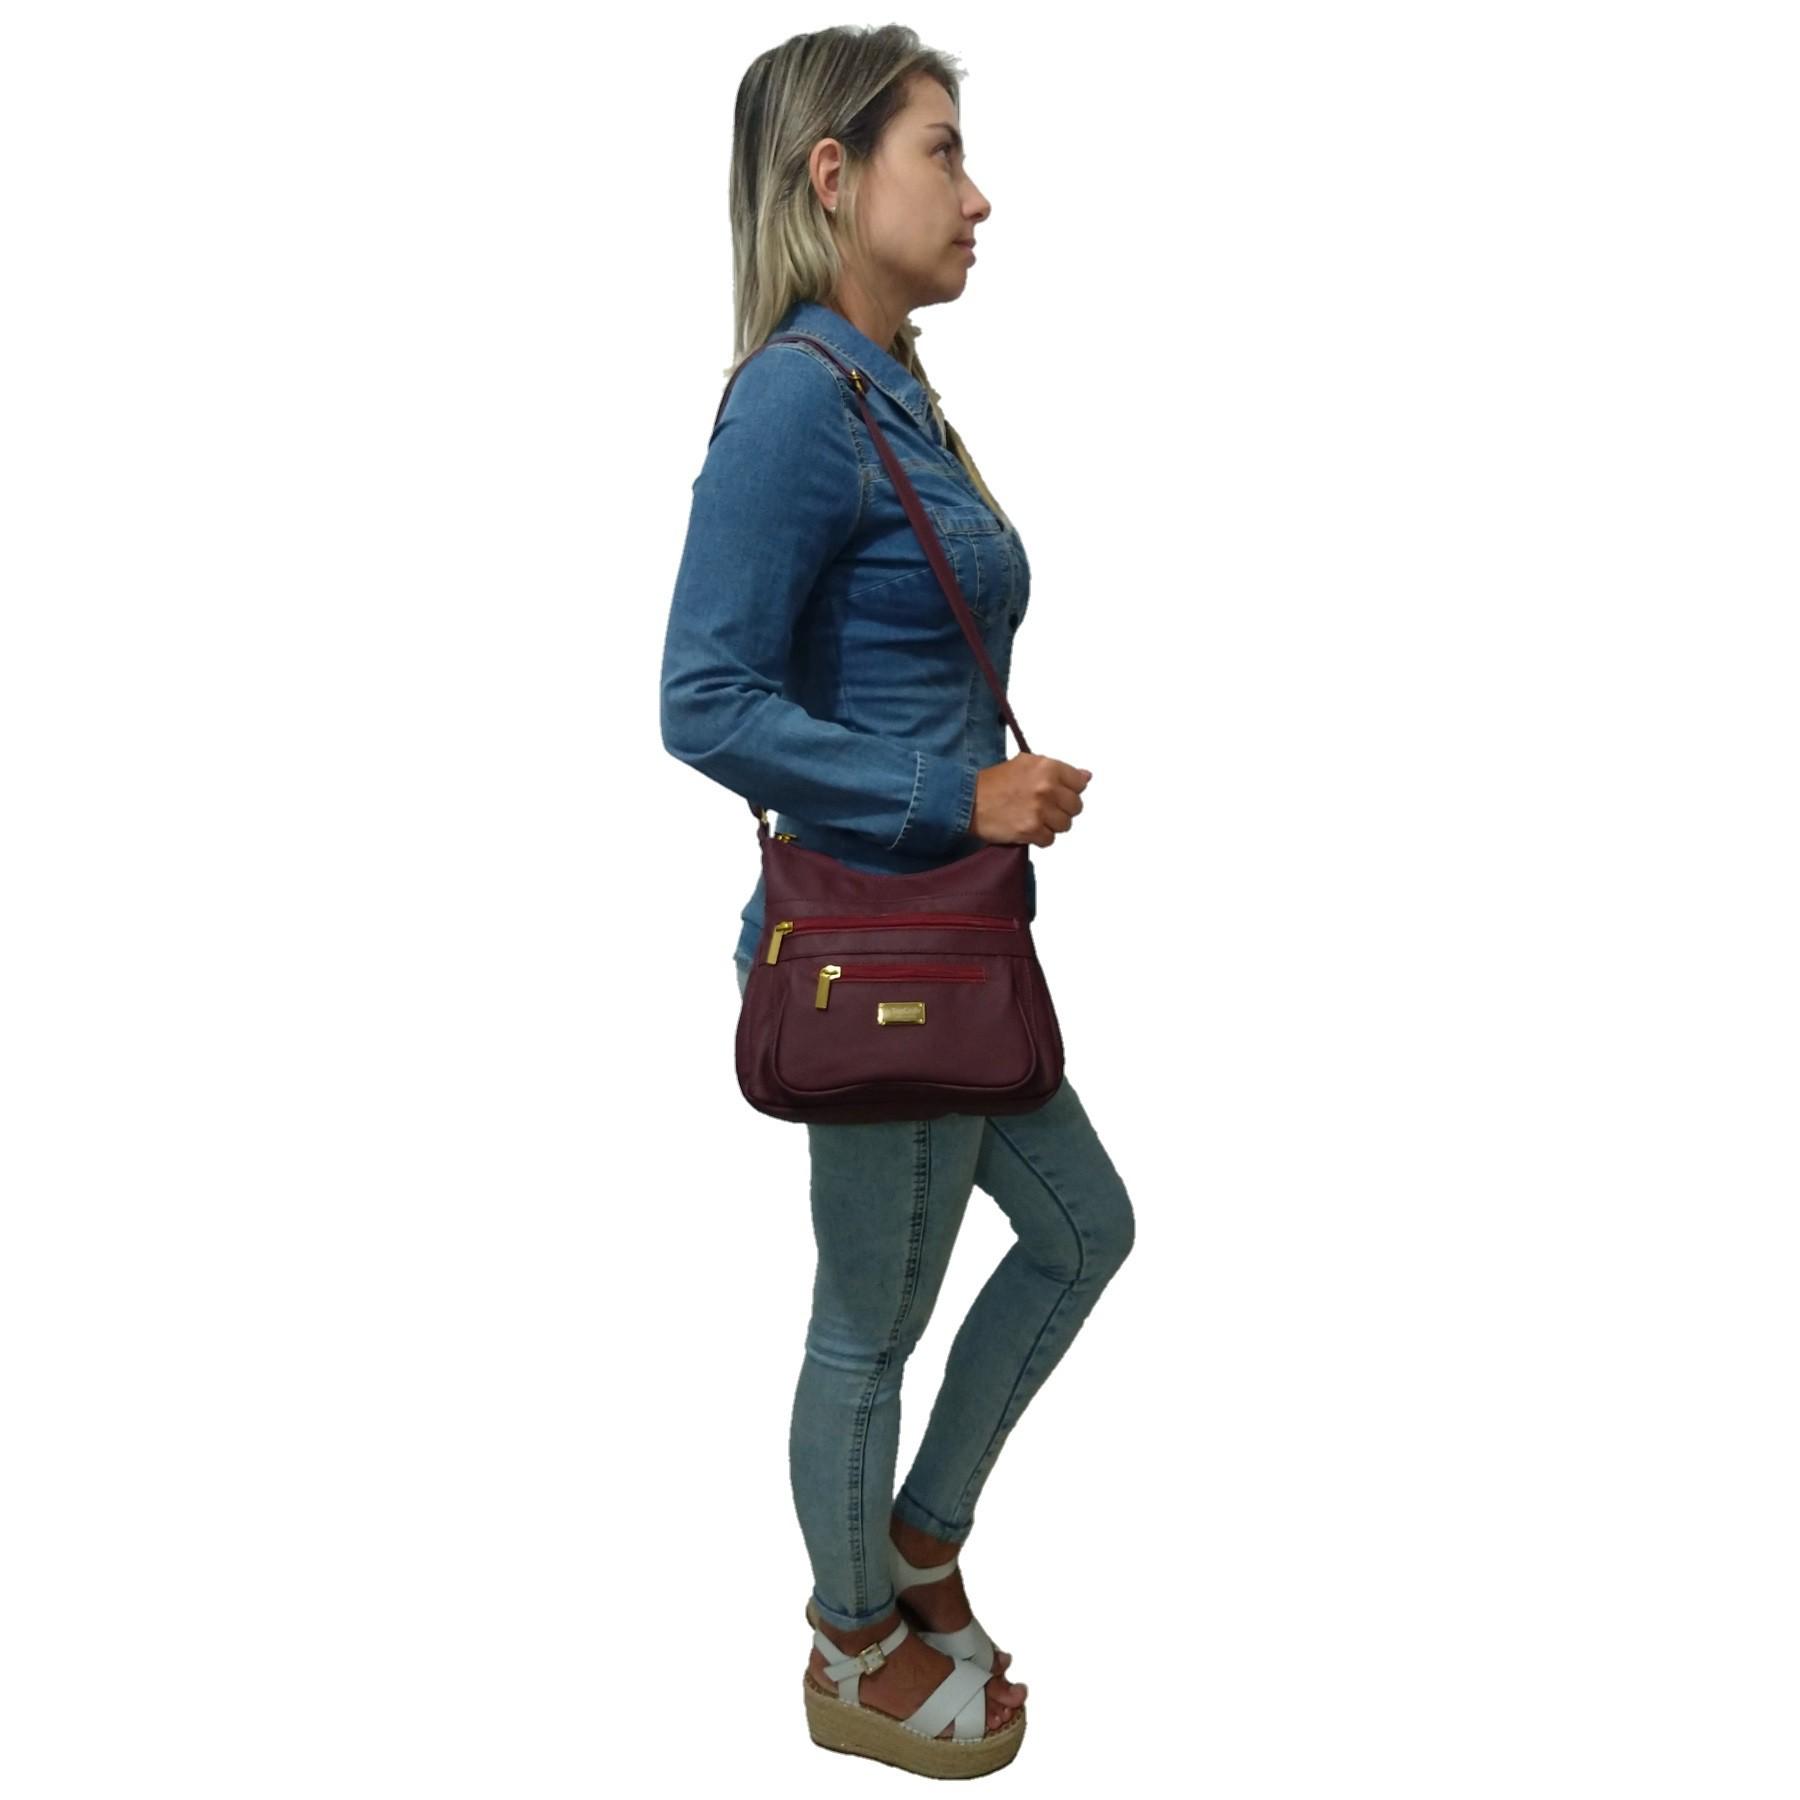 Bolsa Feminina Transversal TopGrife Couro Bordô - Promoção  - SAPATOWEB.COM